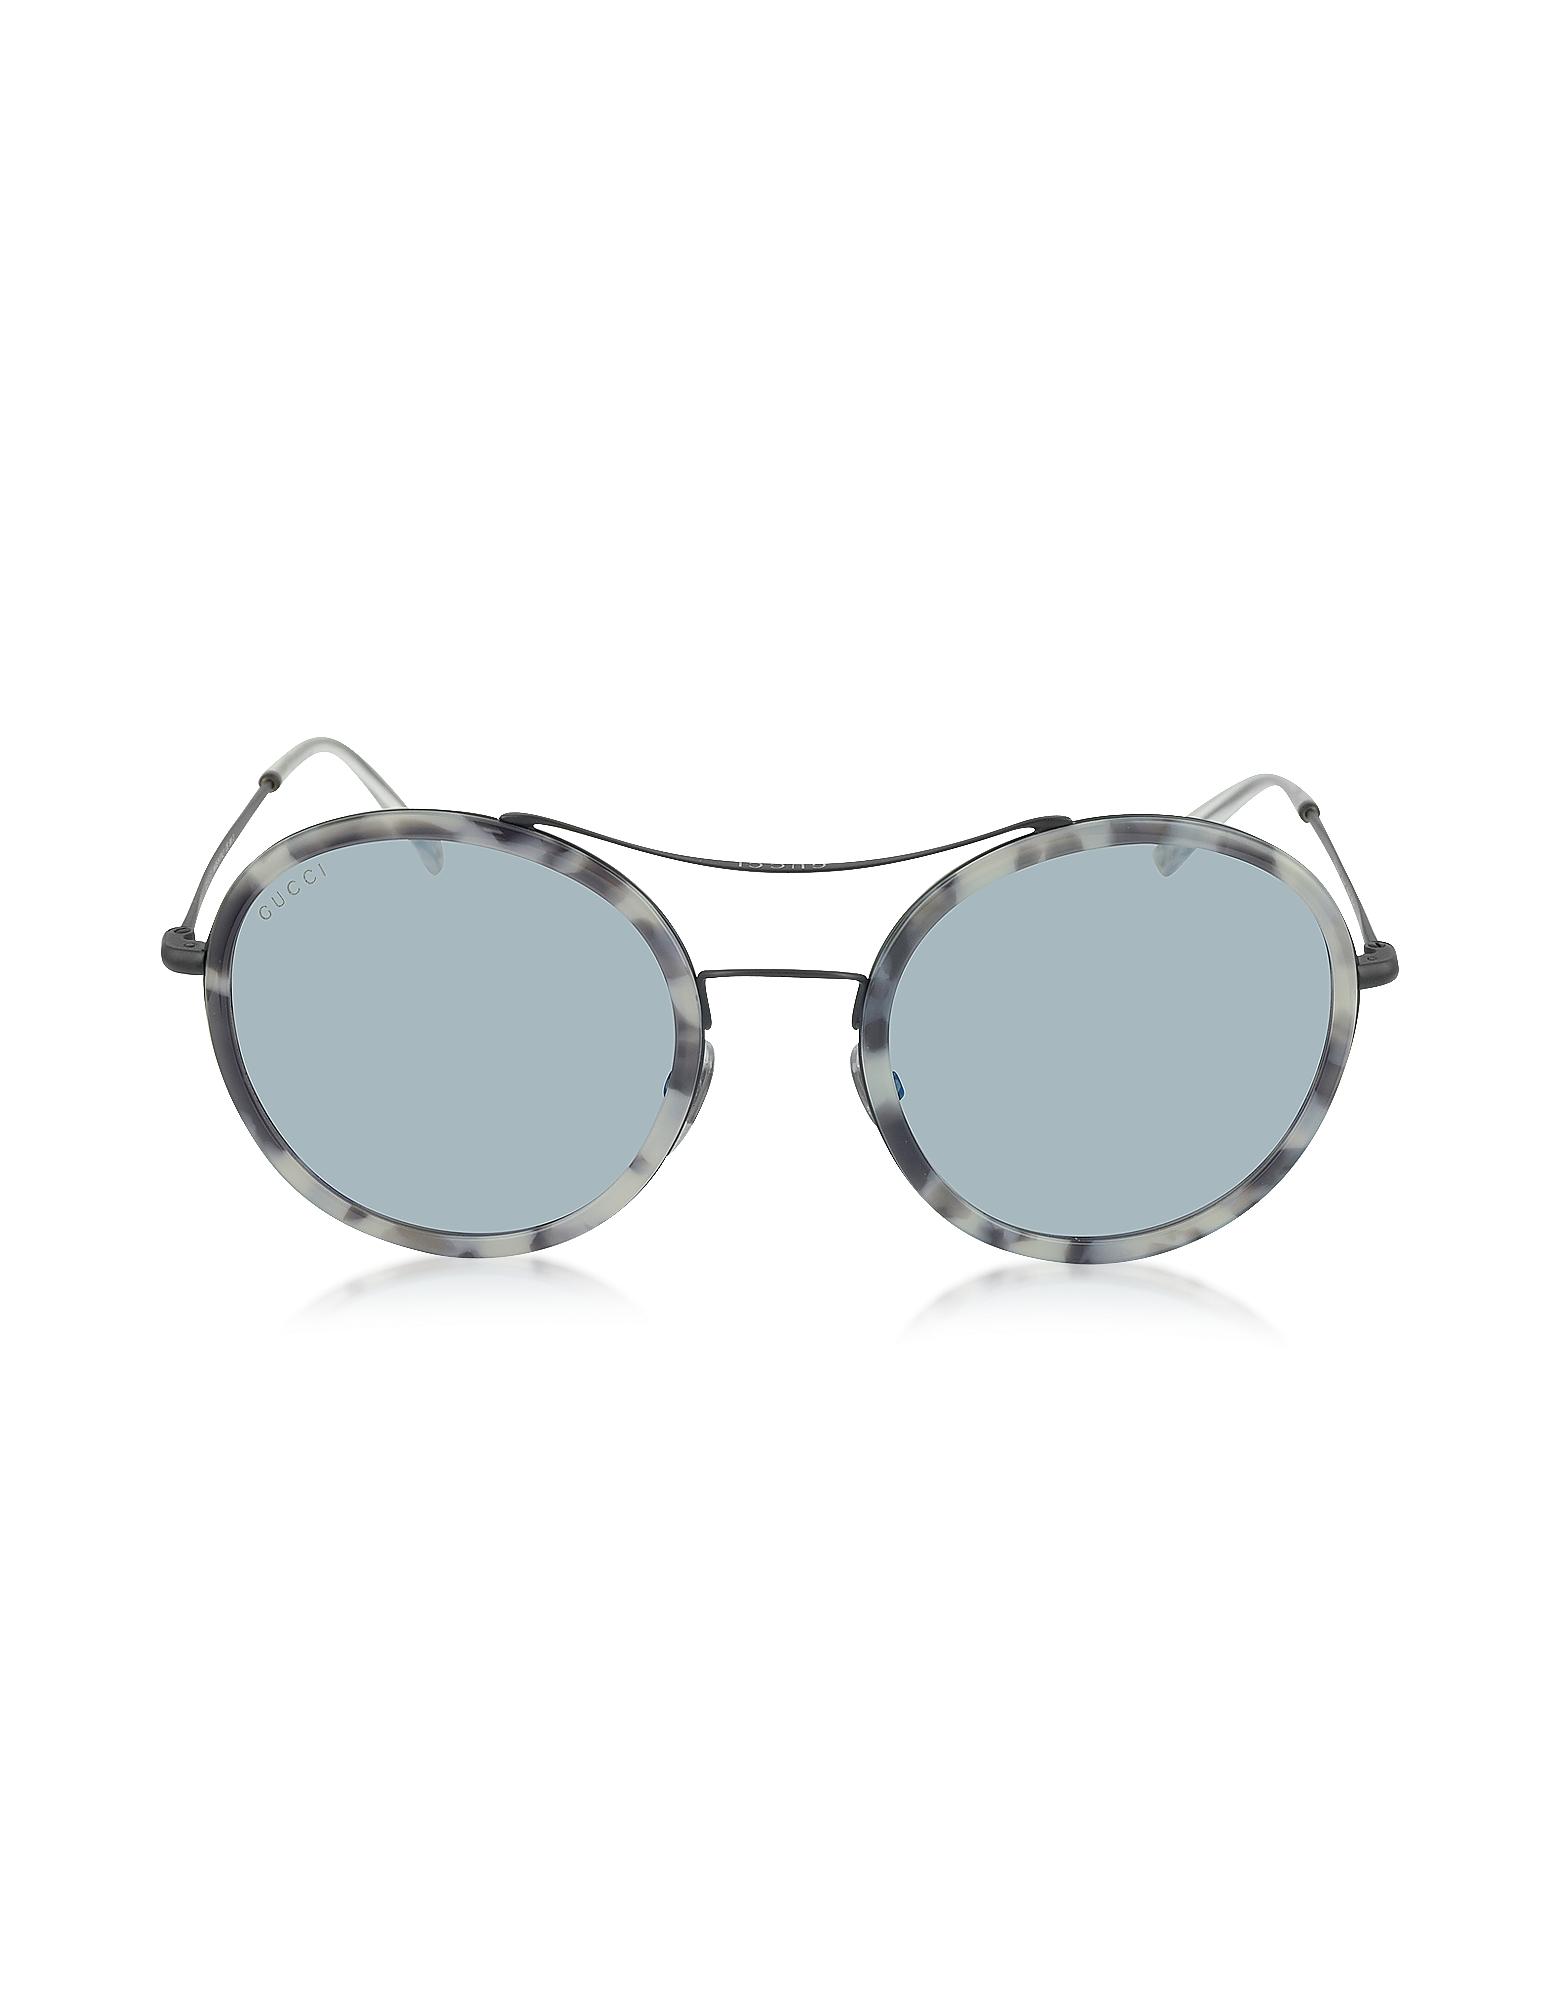 GG 4252/N/S - Женские Солнечные Очки в Очень Легкой Круглой Оправе из Ацетата